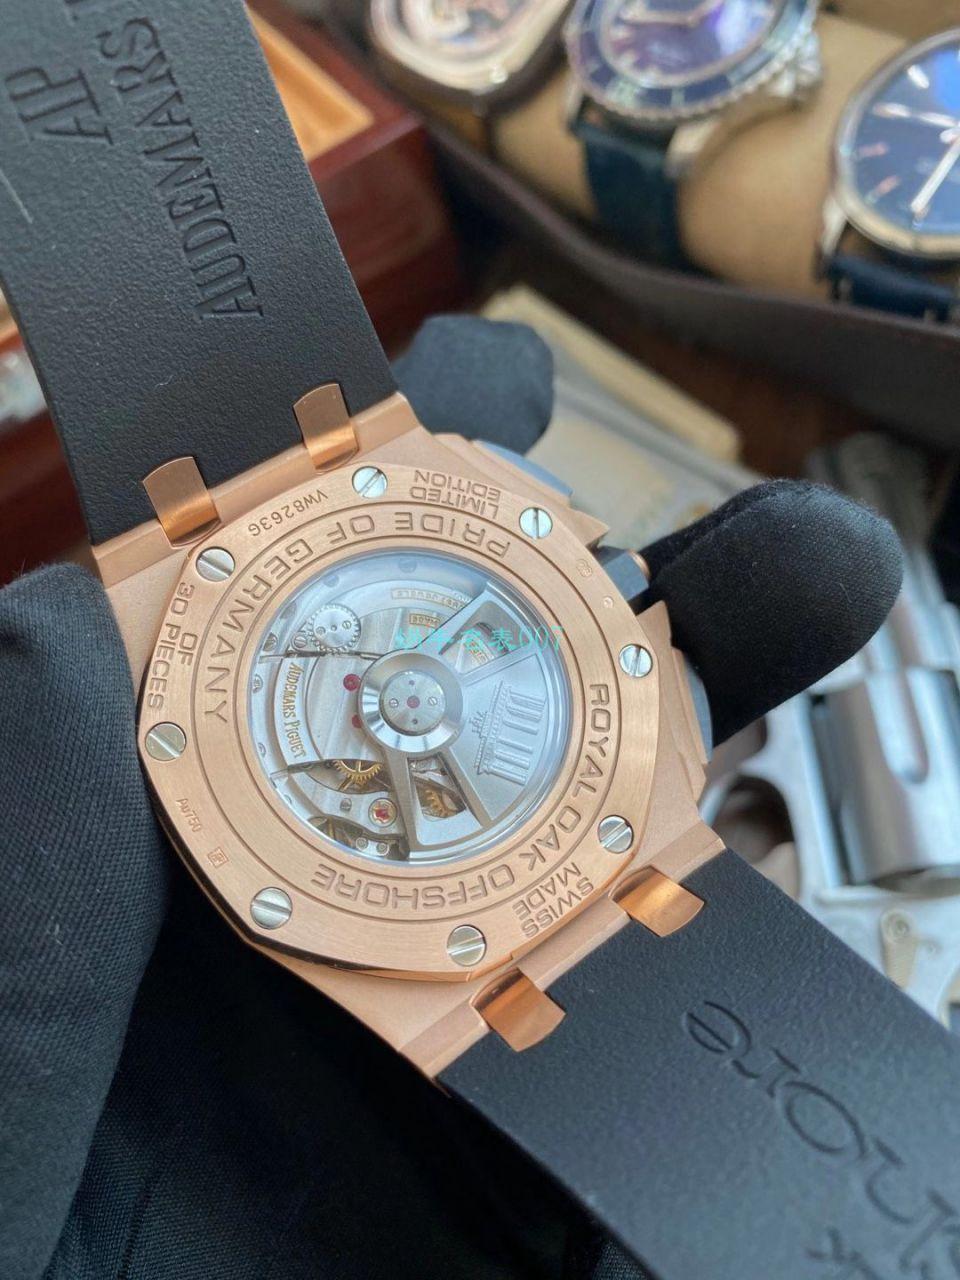 【视频评测】JF厂爱彼皇家橡树离岸型1比1复刻手表26416RO.OO.A002CA.01腕表 / AP220